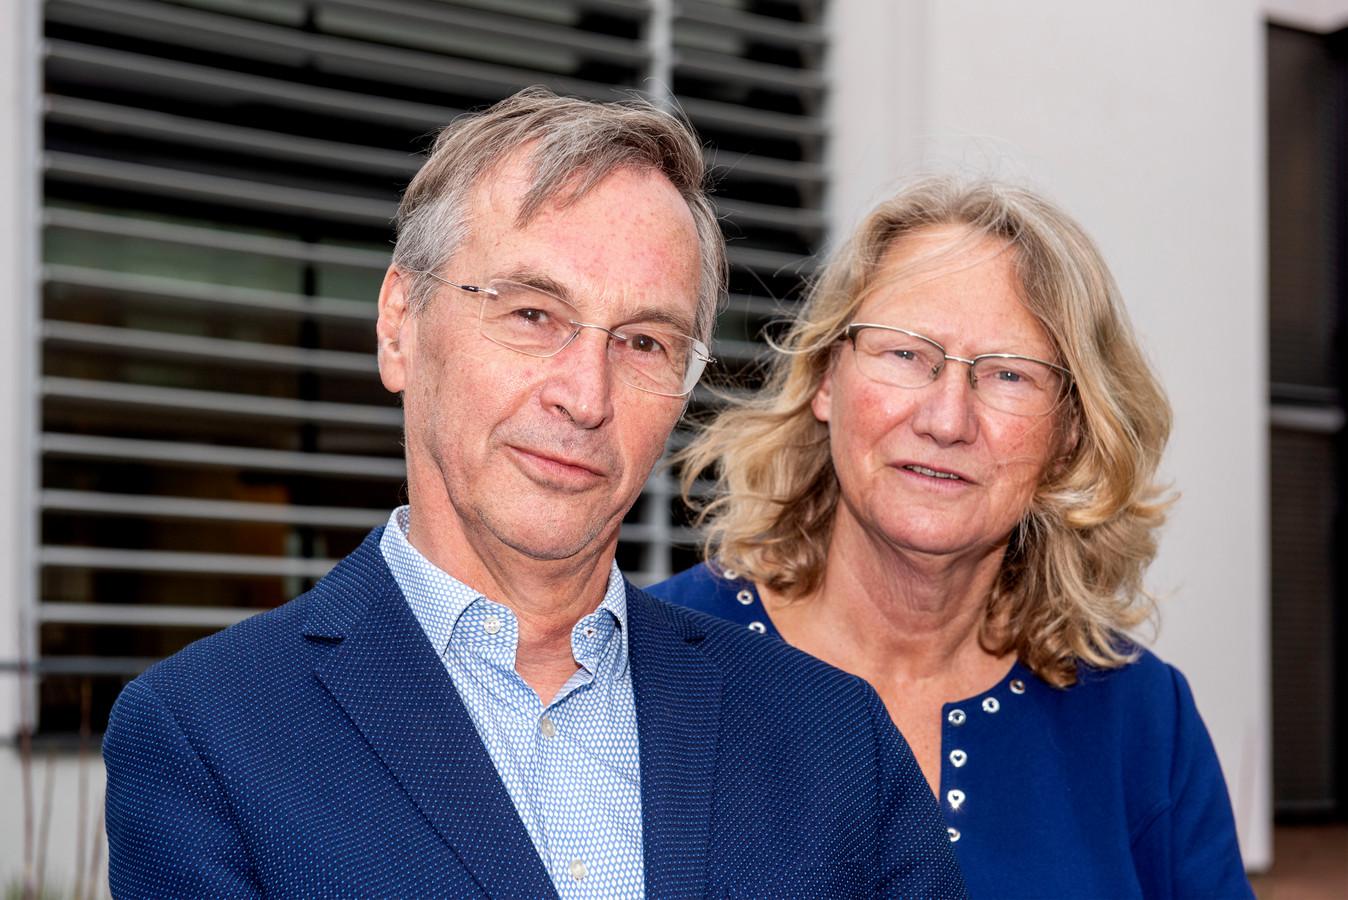 Koen van Vugt en Liesbeth ten Doeschate dragen na 34 jaar hun huisartsenpraktijk over een twee jonge collega's. Ze gaan genieten van hun pensioen.